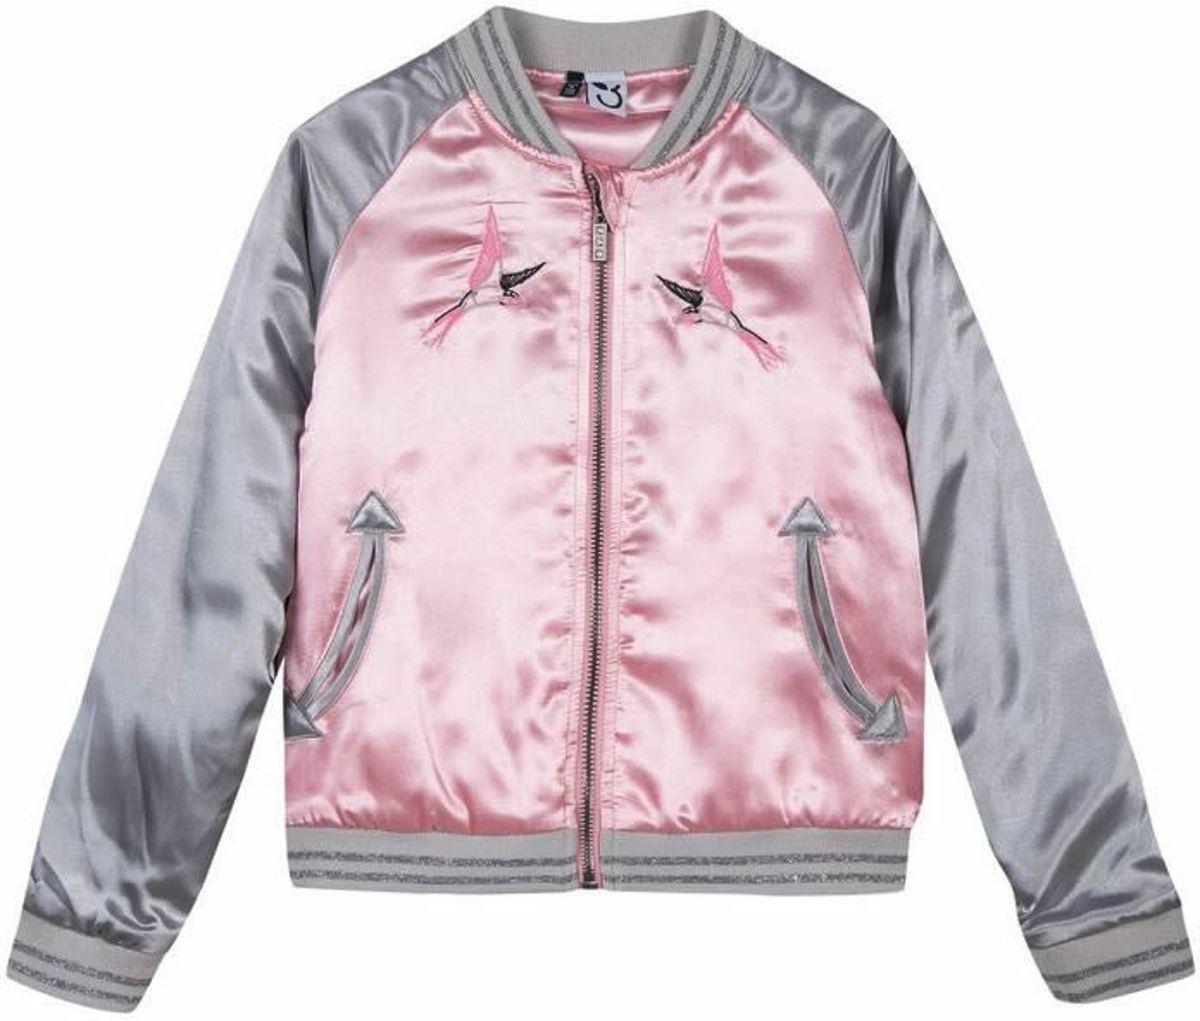 3pommes Meisjes Jack Street Fashion Bomberjack geborduurd Roze Grijs (4-6Y) - Maat 116